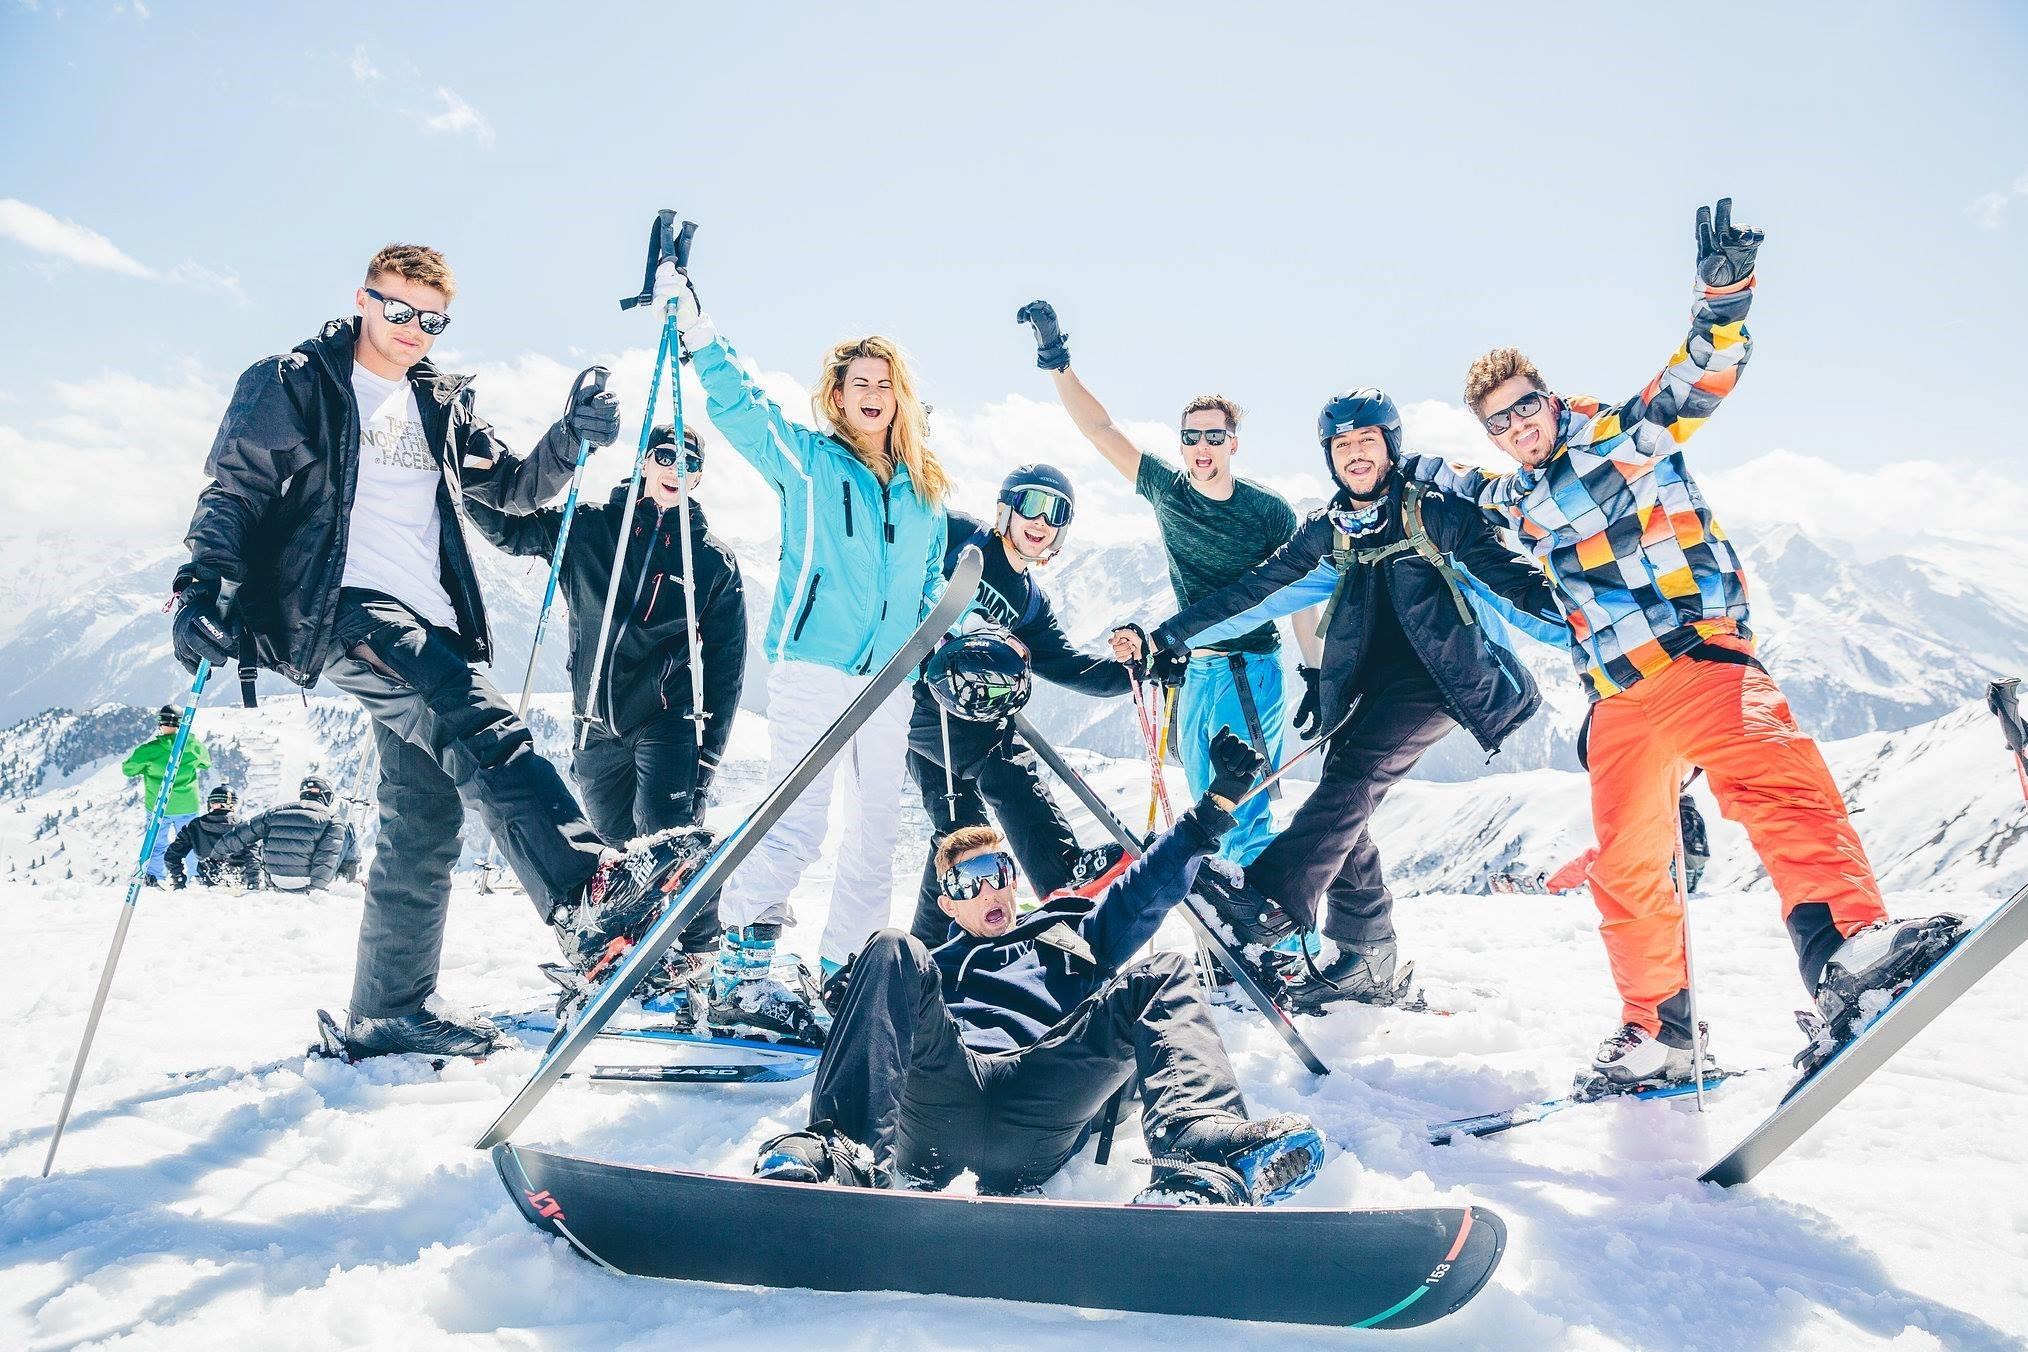 SKIEN EN SNOWBOARDEN#Scheuren over de pistes met de wind in de haren